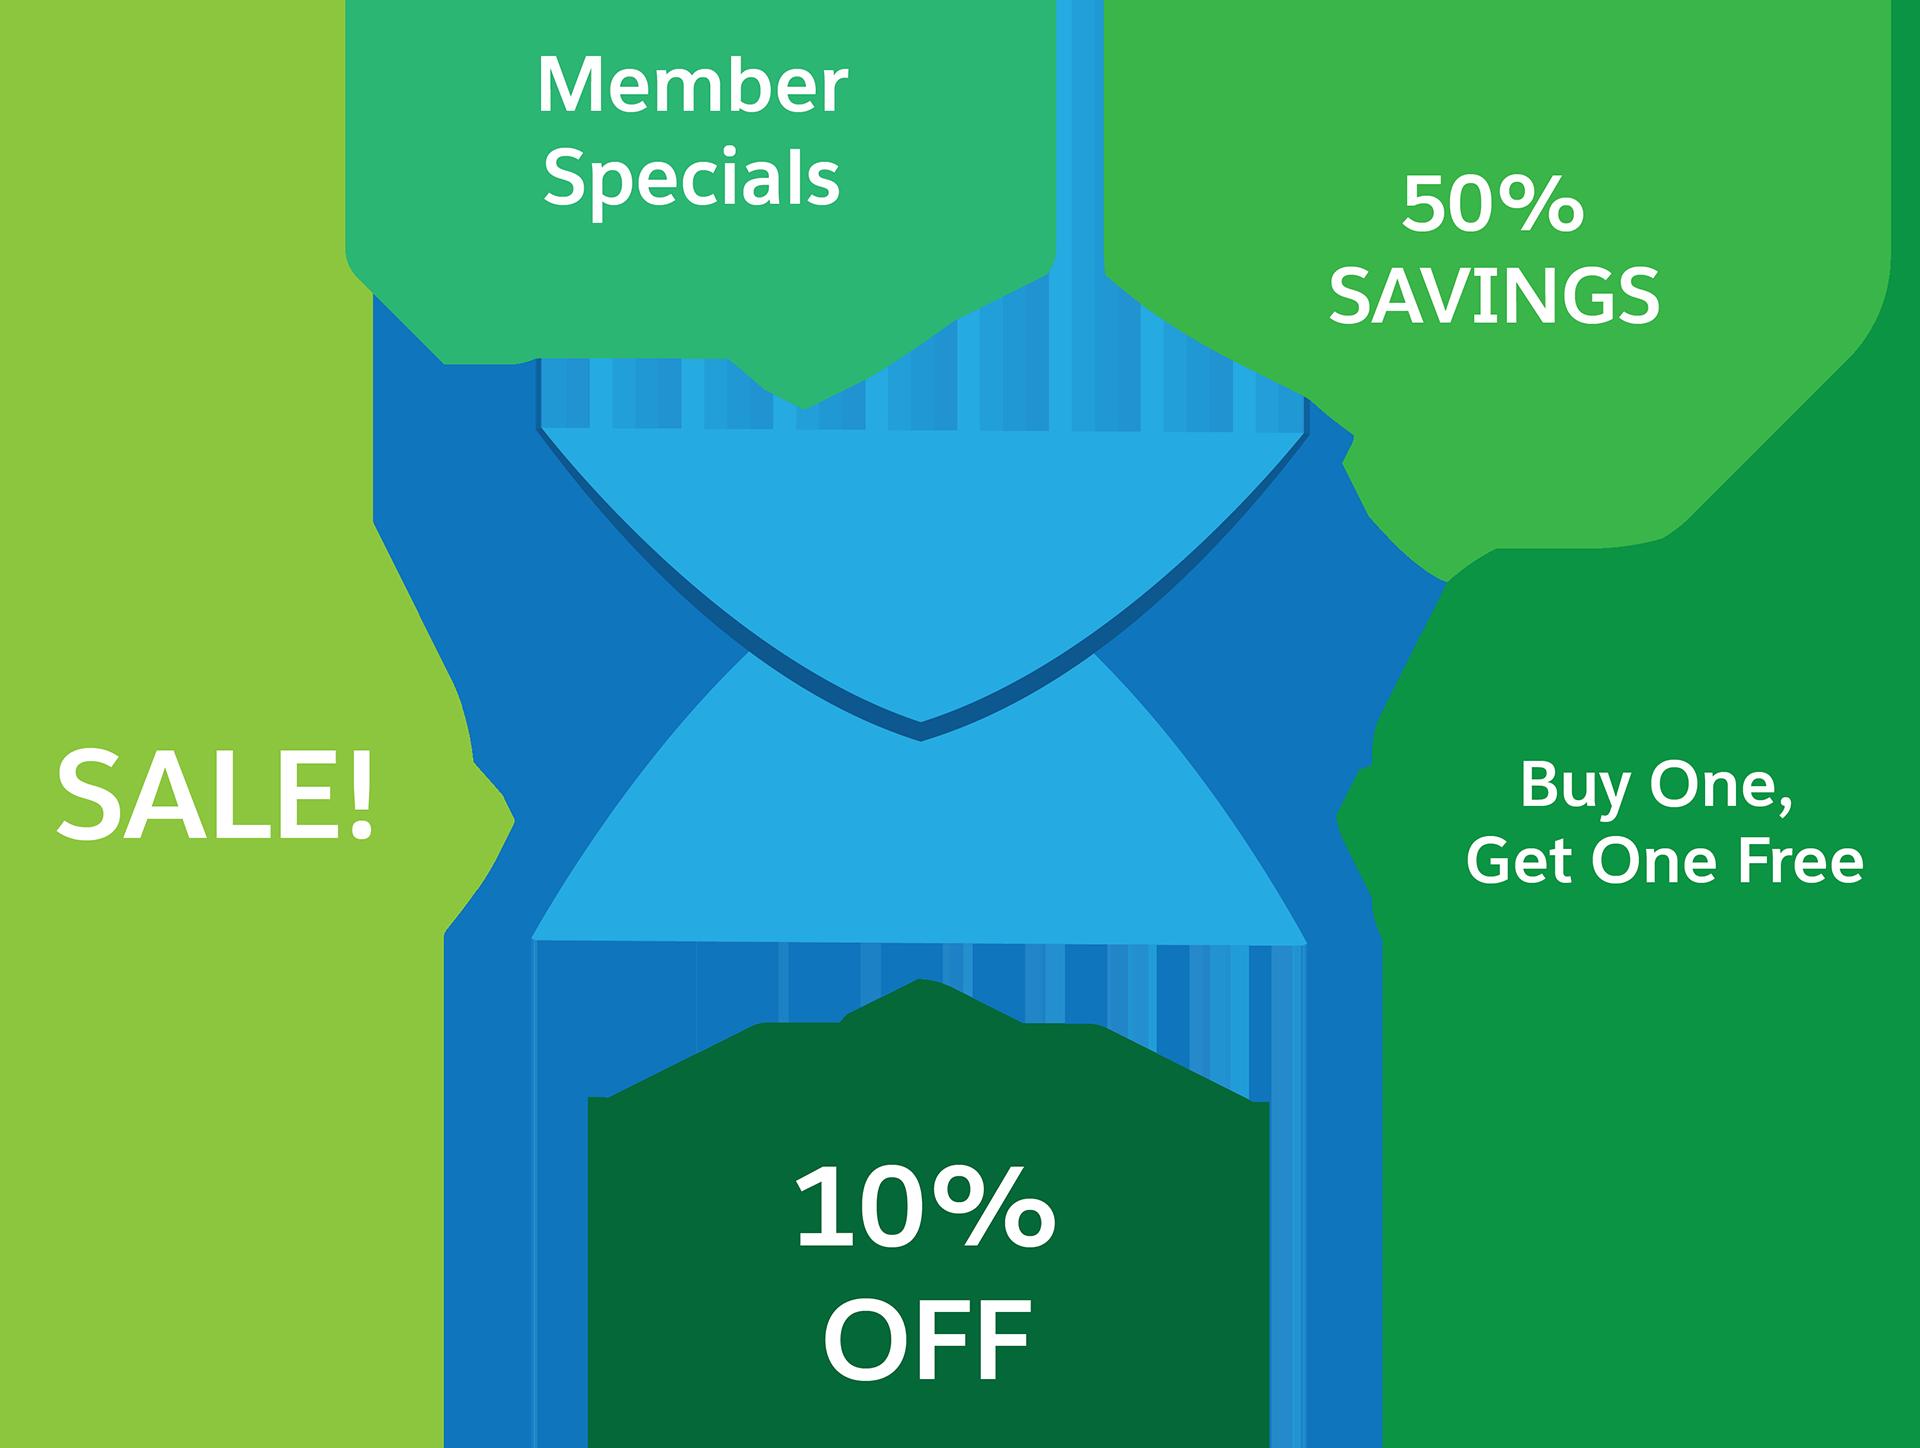 インセンティブ (1 つ買うともう 1 つ付いてくる、50% オフ、セール!、10 ドル引き、メンバー限定) を知らせるメール。